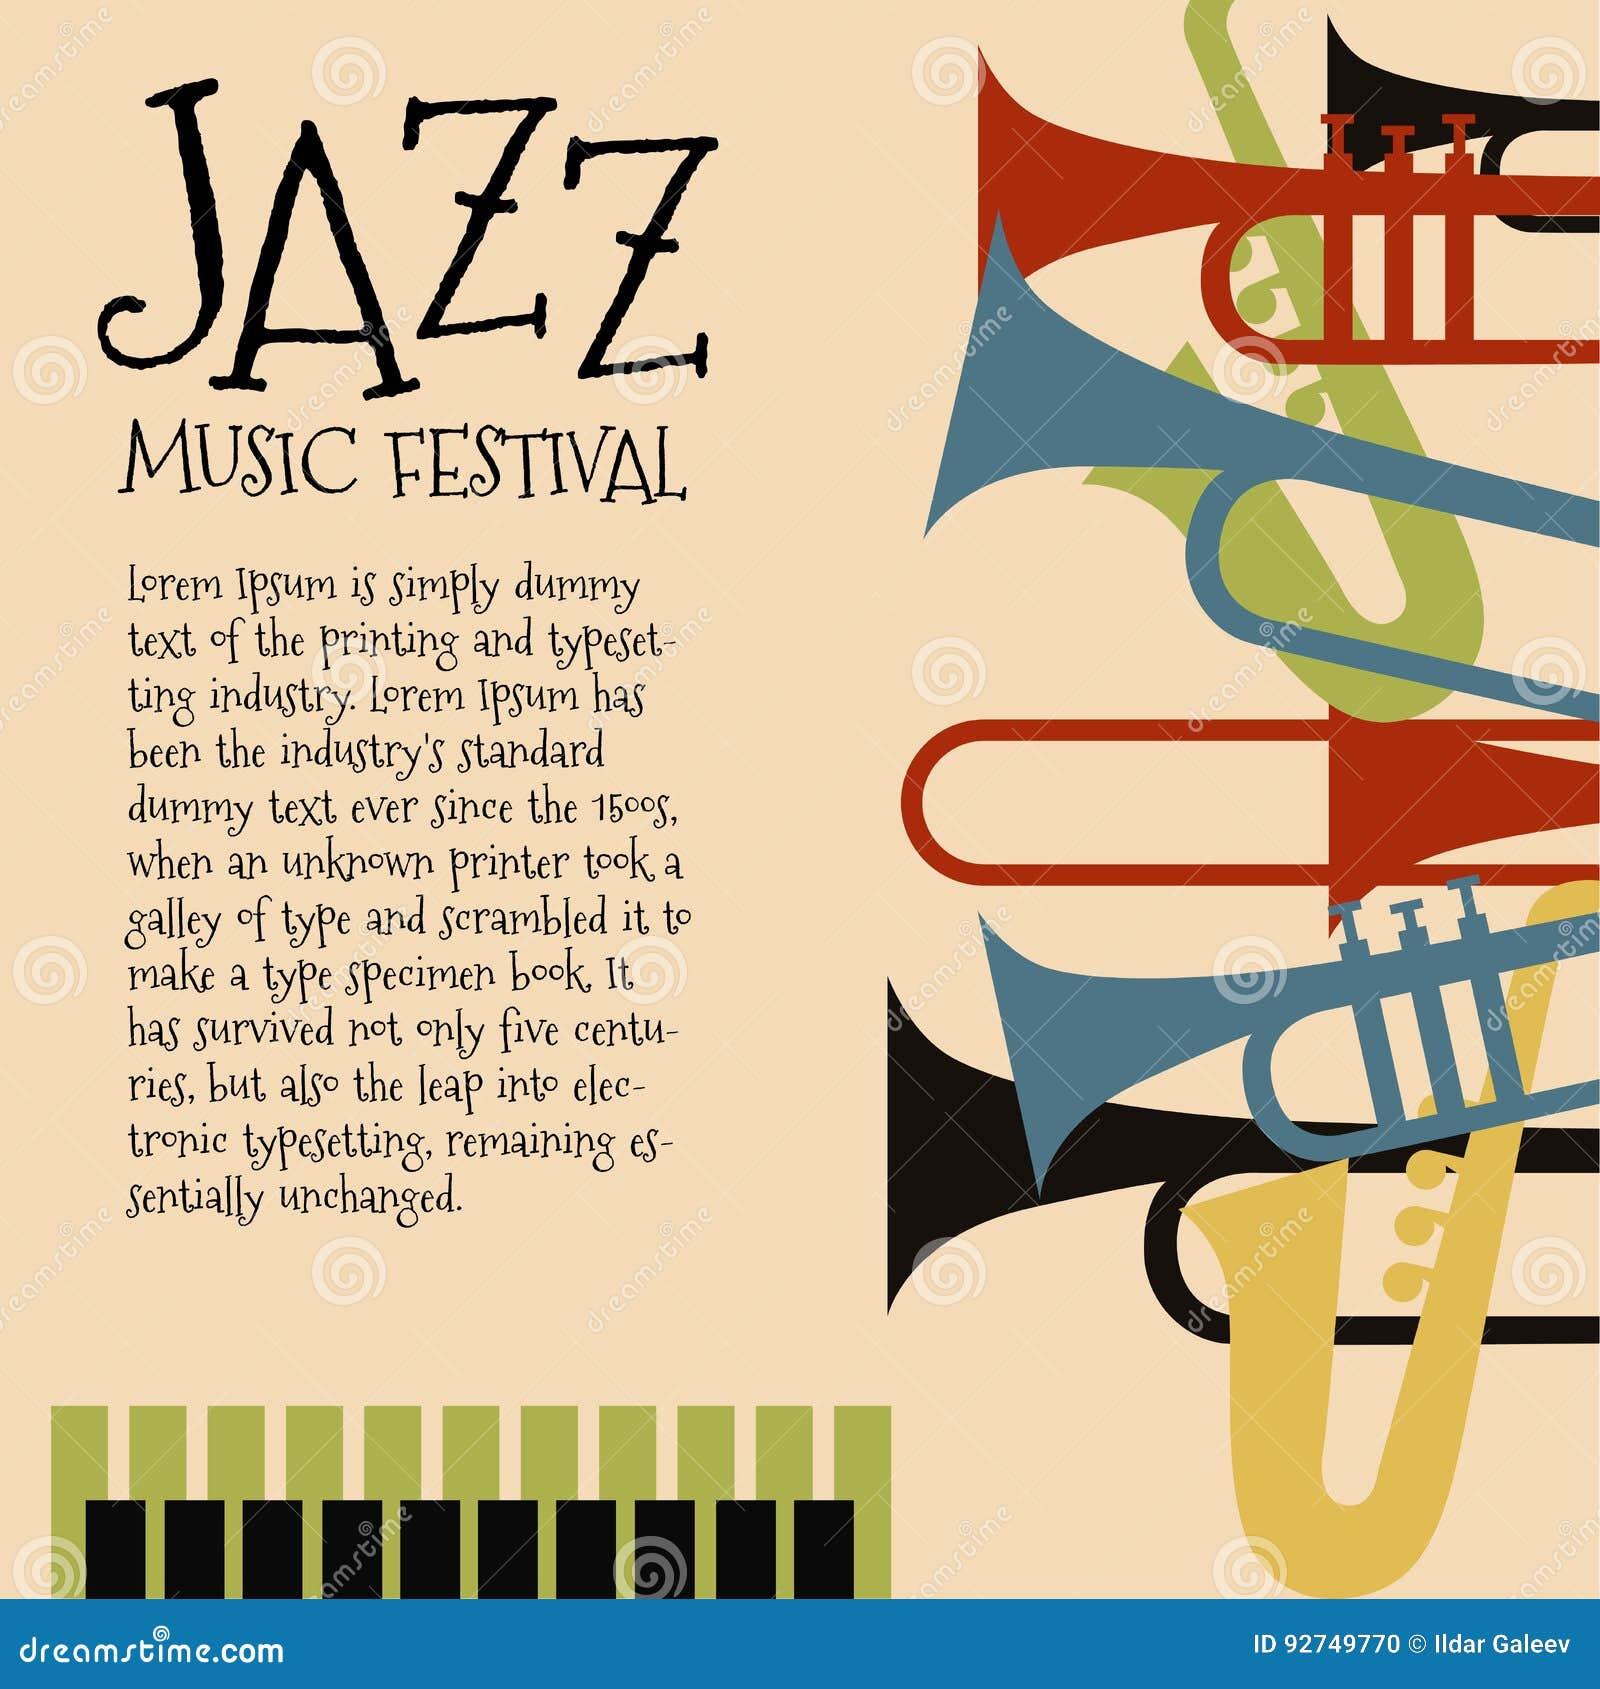 Διανυσματικό πρότυπο για την αφίσα συναυλίας τζαζ ή ιπτάμενο που χαρακτηρίζει τα ορχηστρικά όργανα